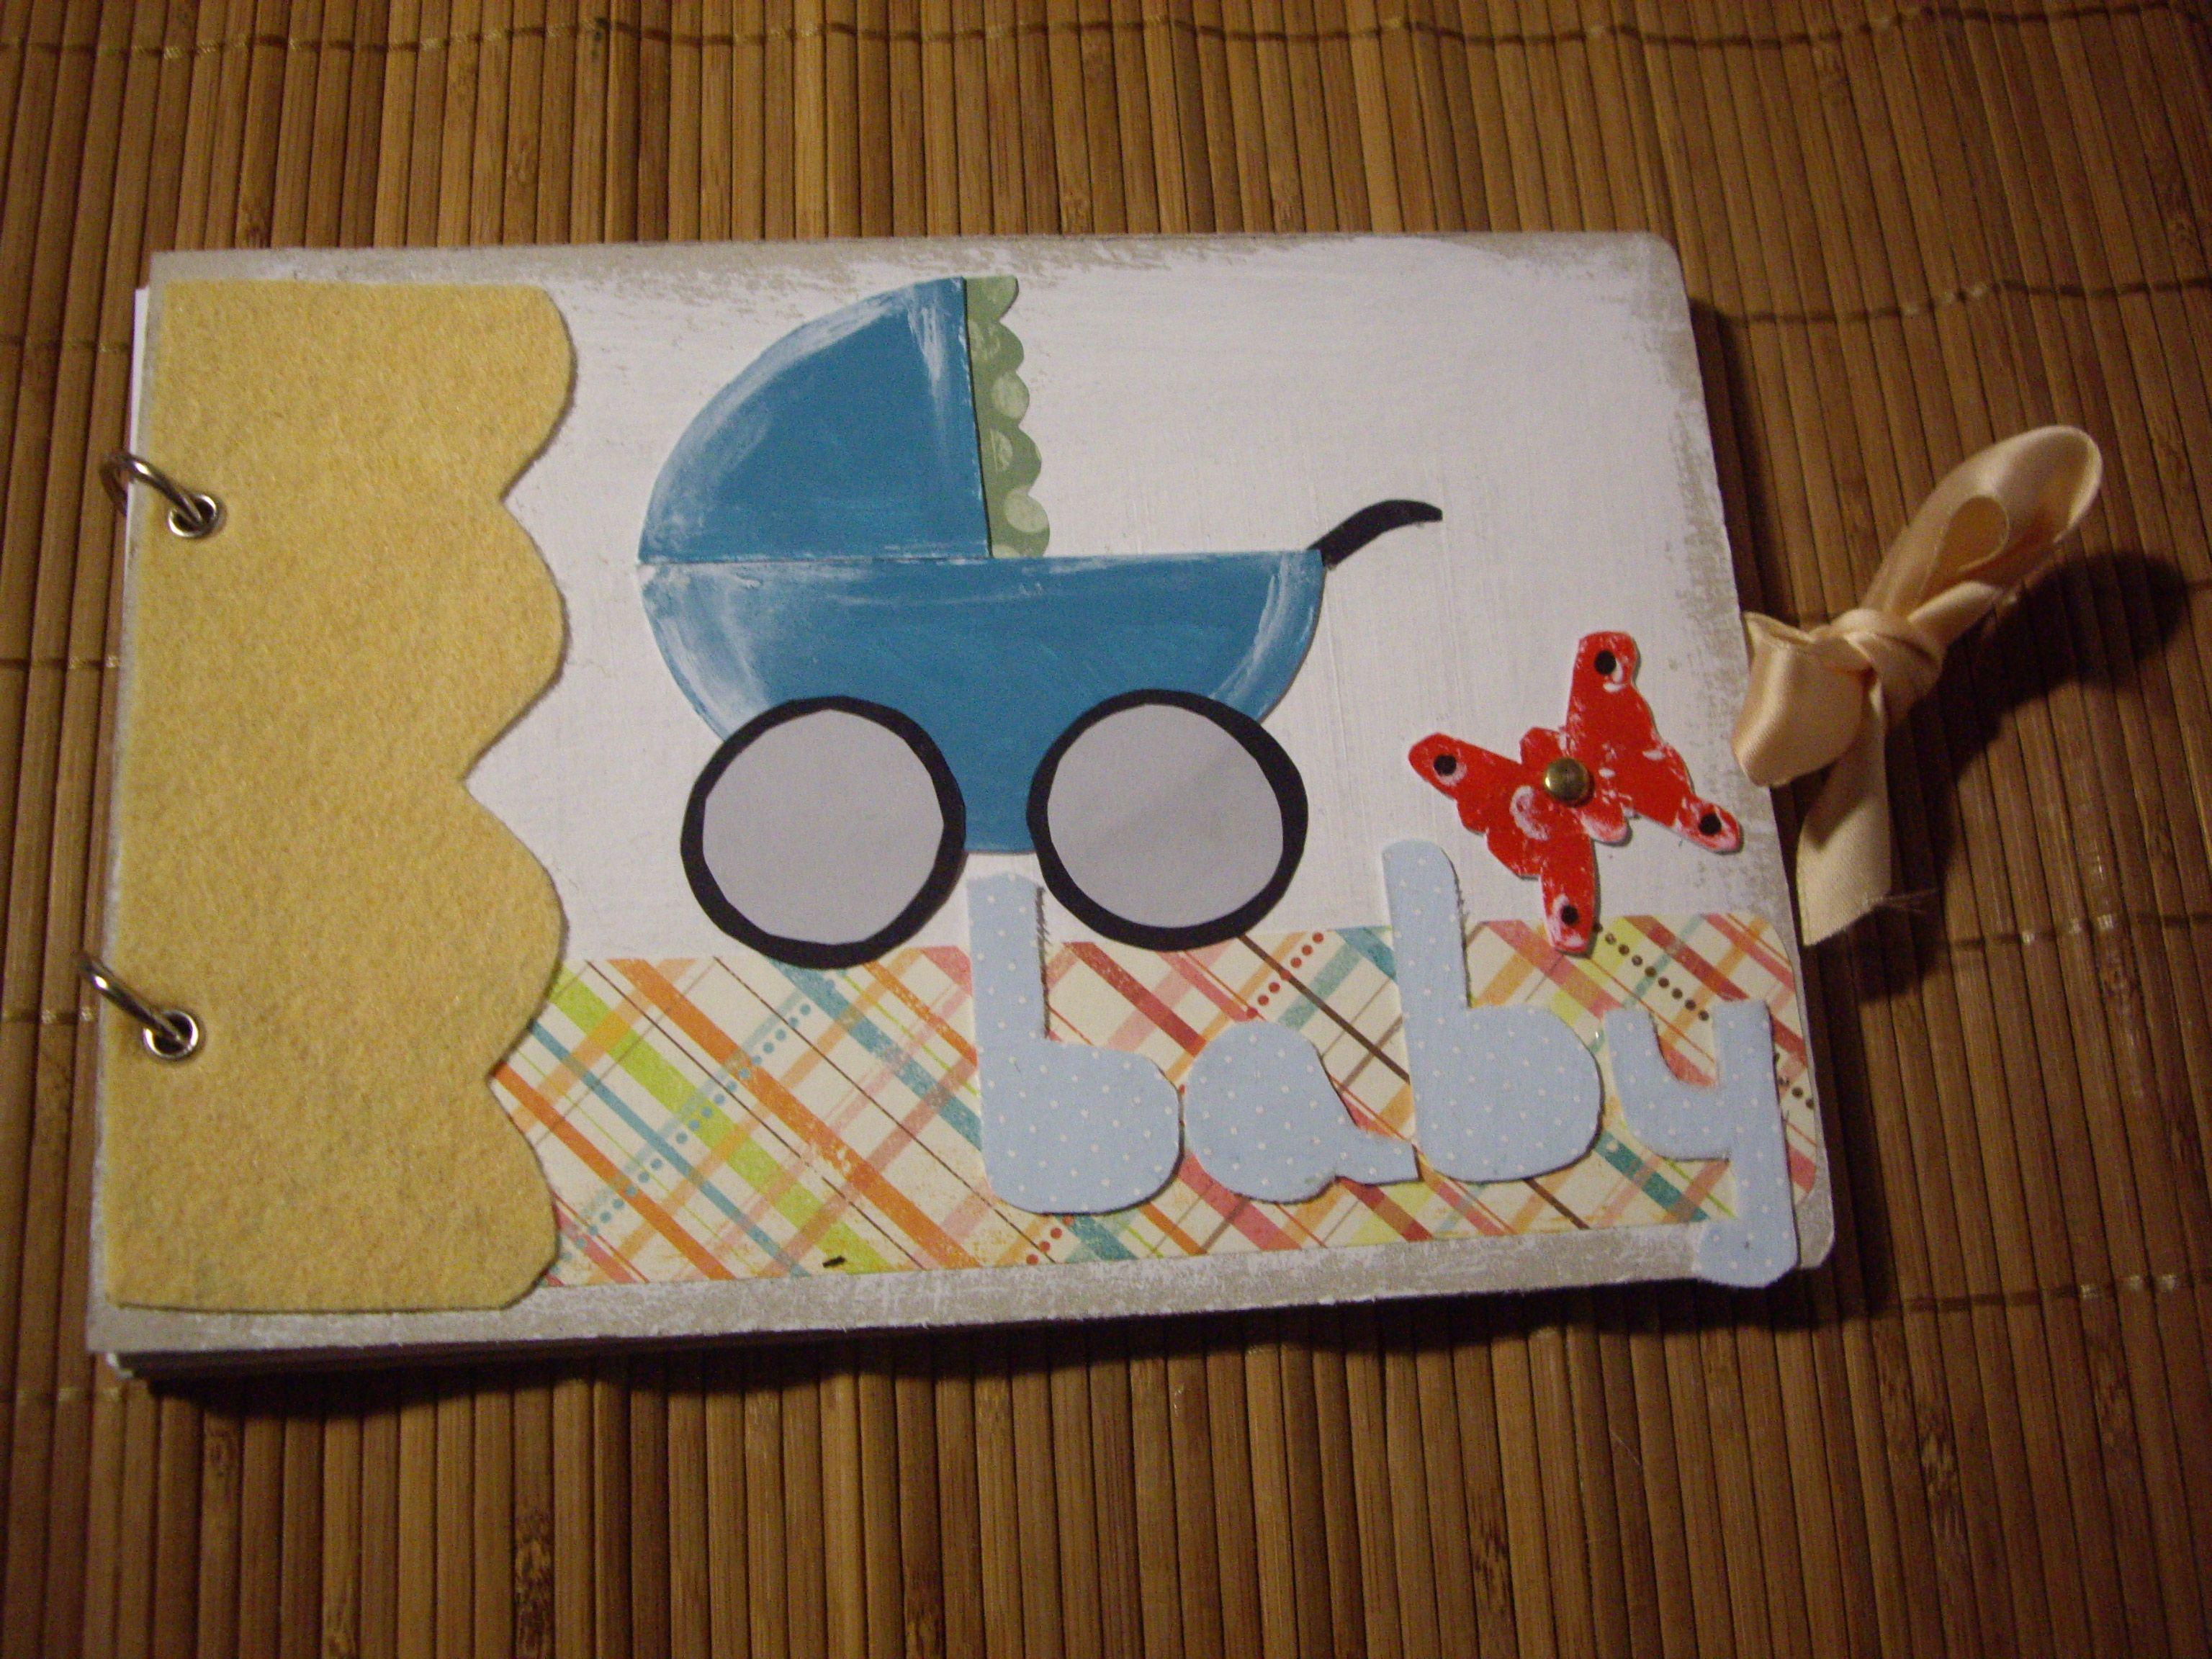 Diario Scrap (Baby) realizado artesanalmente con distintos materiales. Tamaño: 22x15 cm aprox. Precio: 10 euros.